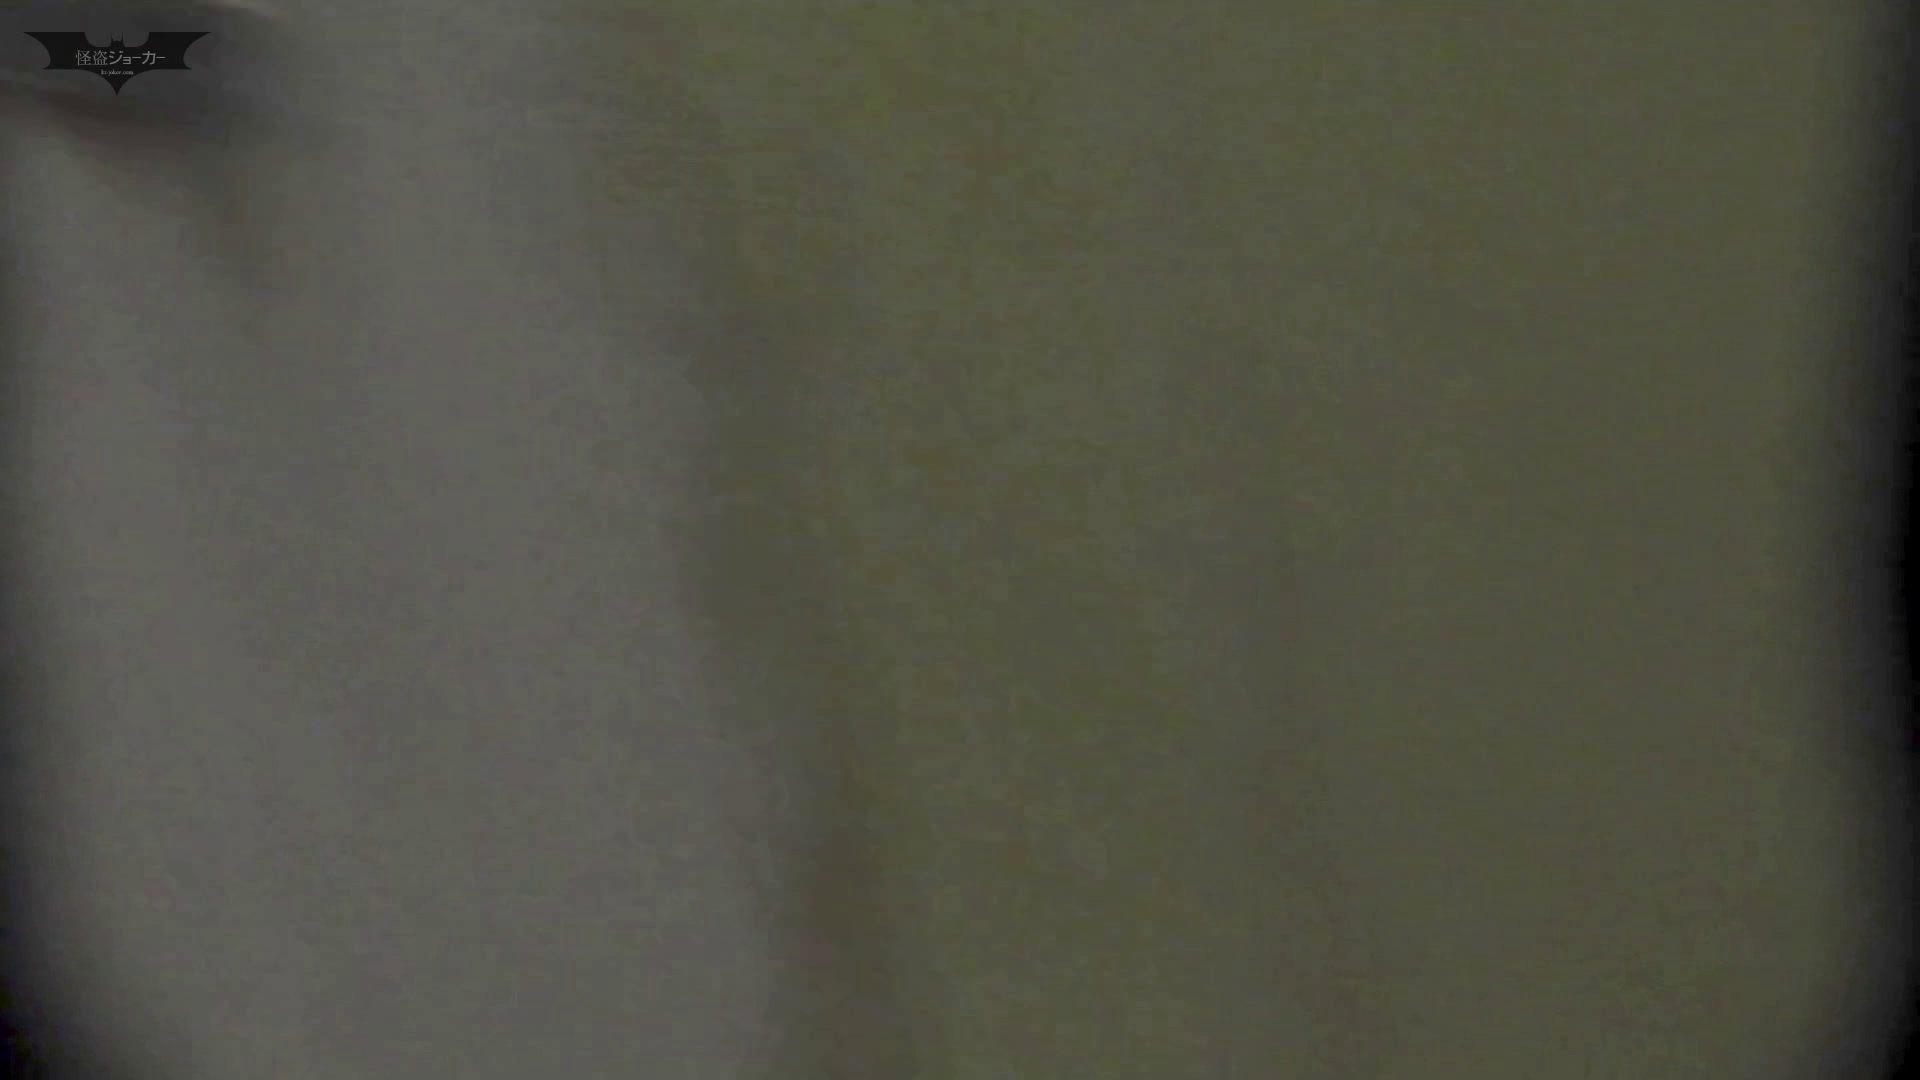 ▲復活限定D▲洗面所特攻隊 vol.62 ピチピチの若さ! In JAPAN 洗面所   OLのボディ  80PIX 17